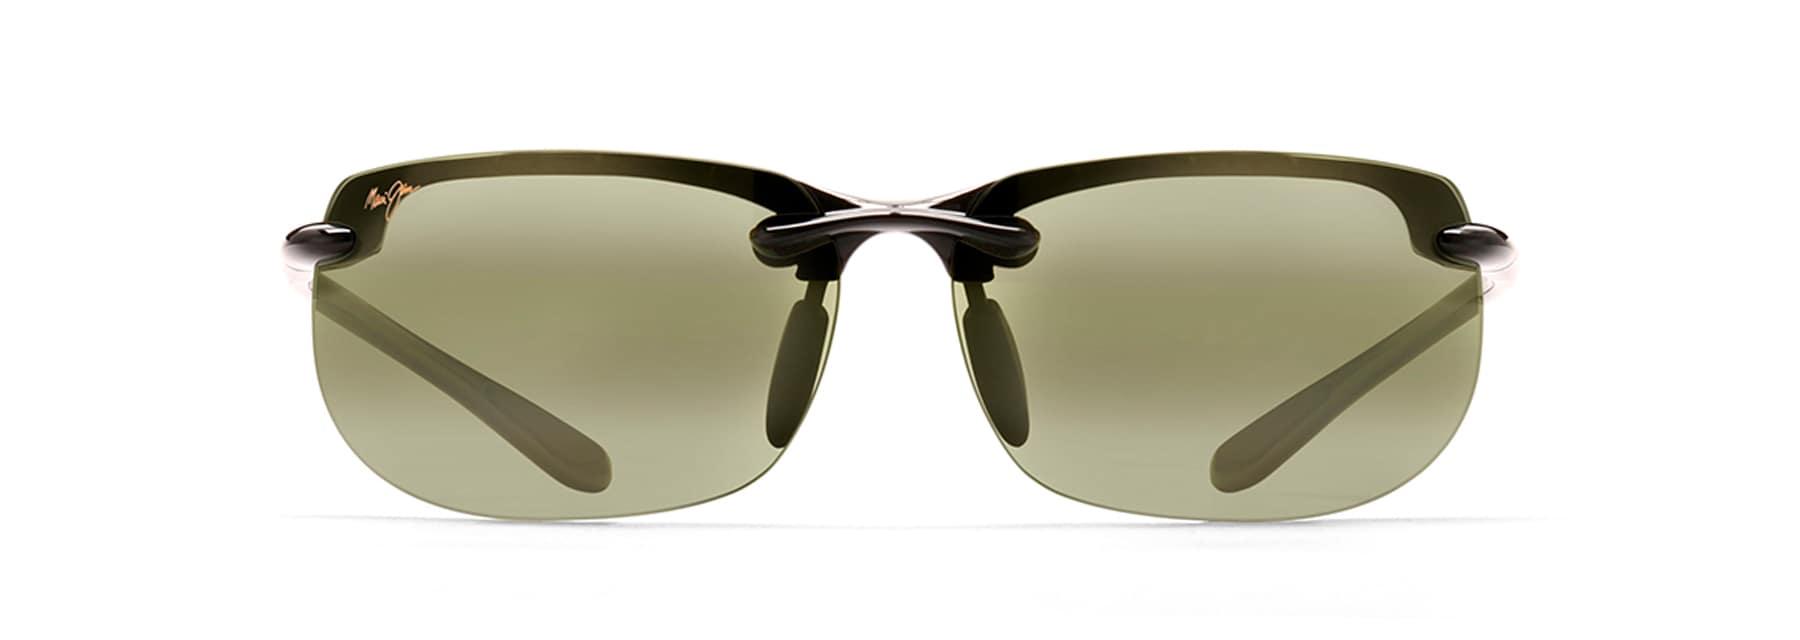 8809cfe5434 Banyans Polarised Sunglasses